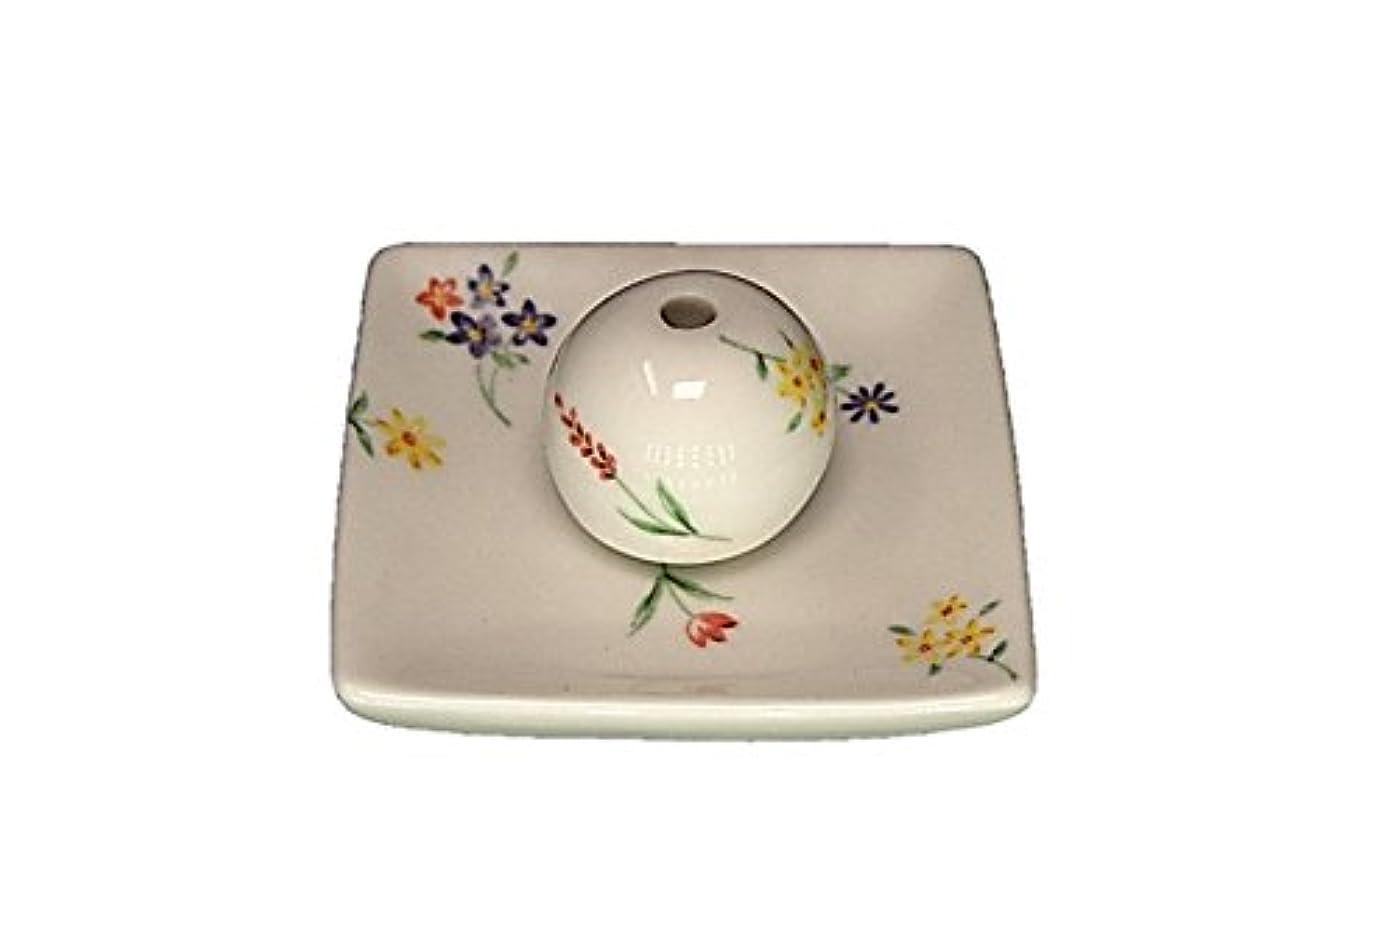 クランプリーガン計画的ブーケ 小角皿 お香立て 陶器 製造 直売